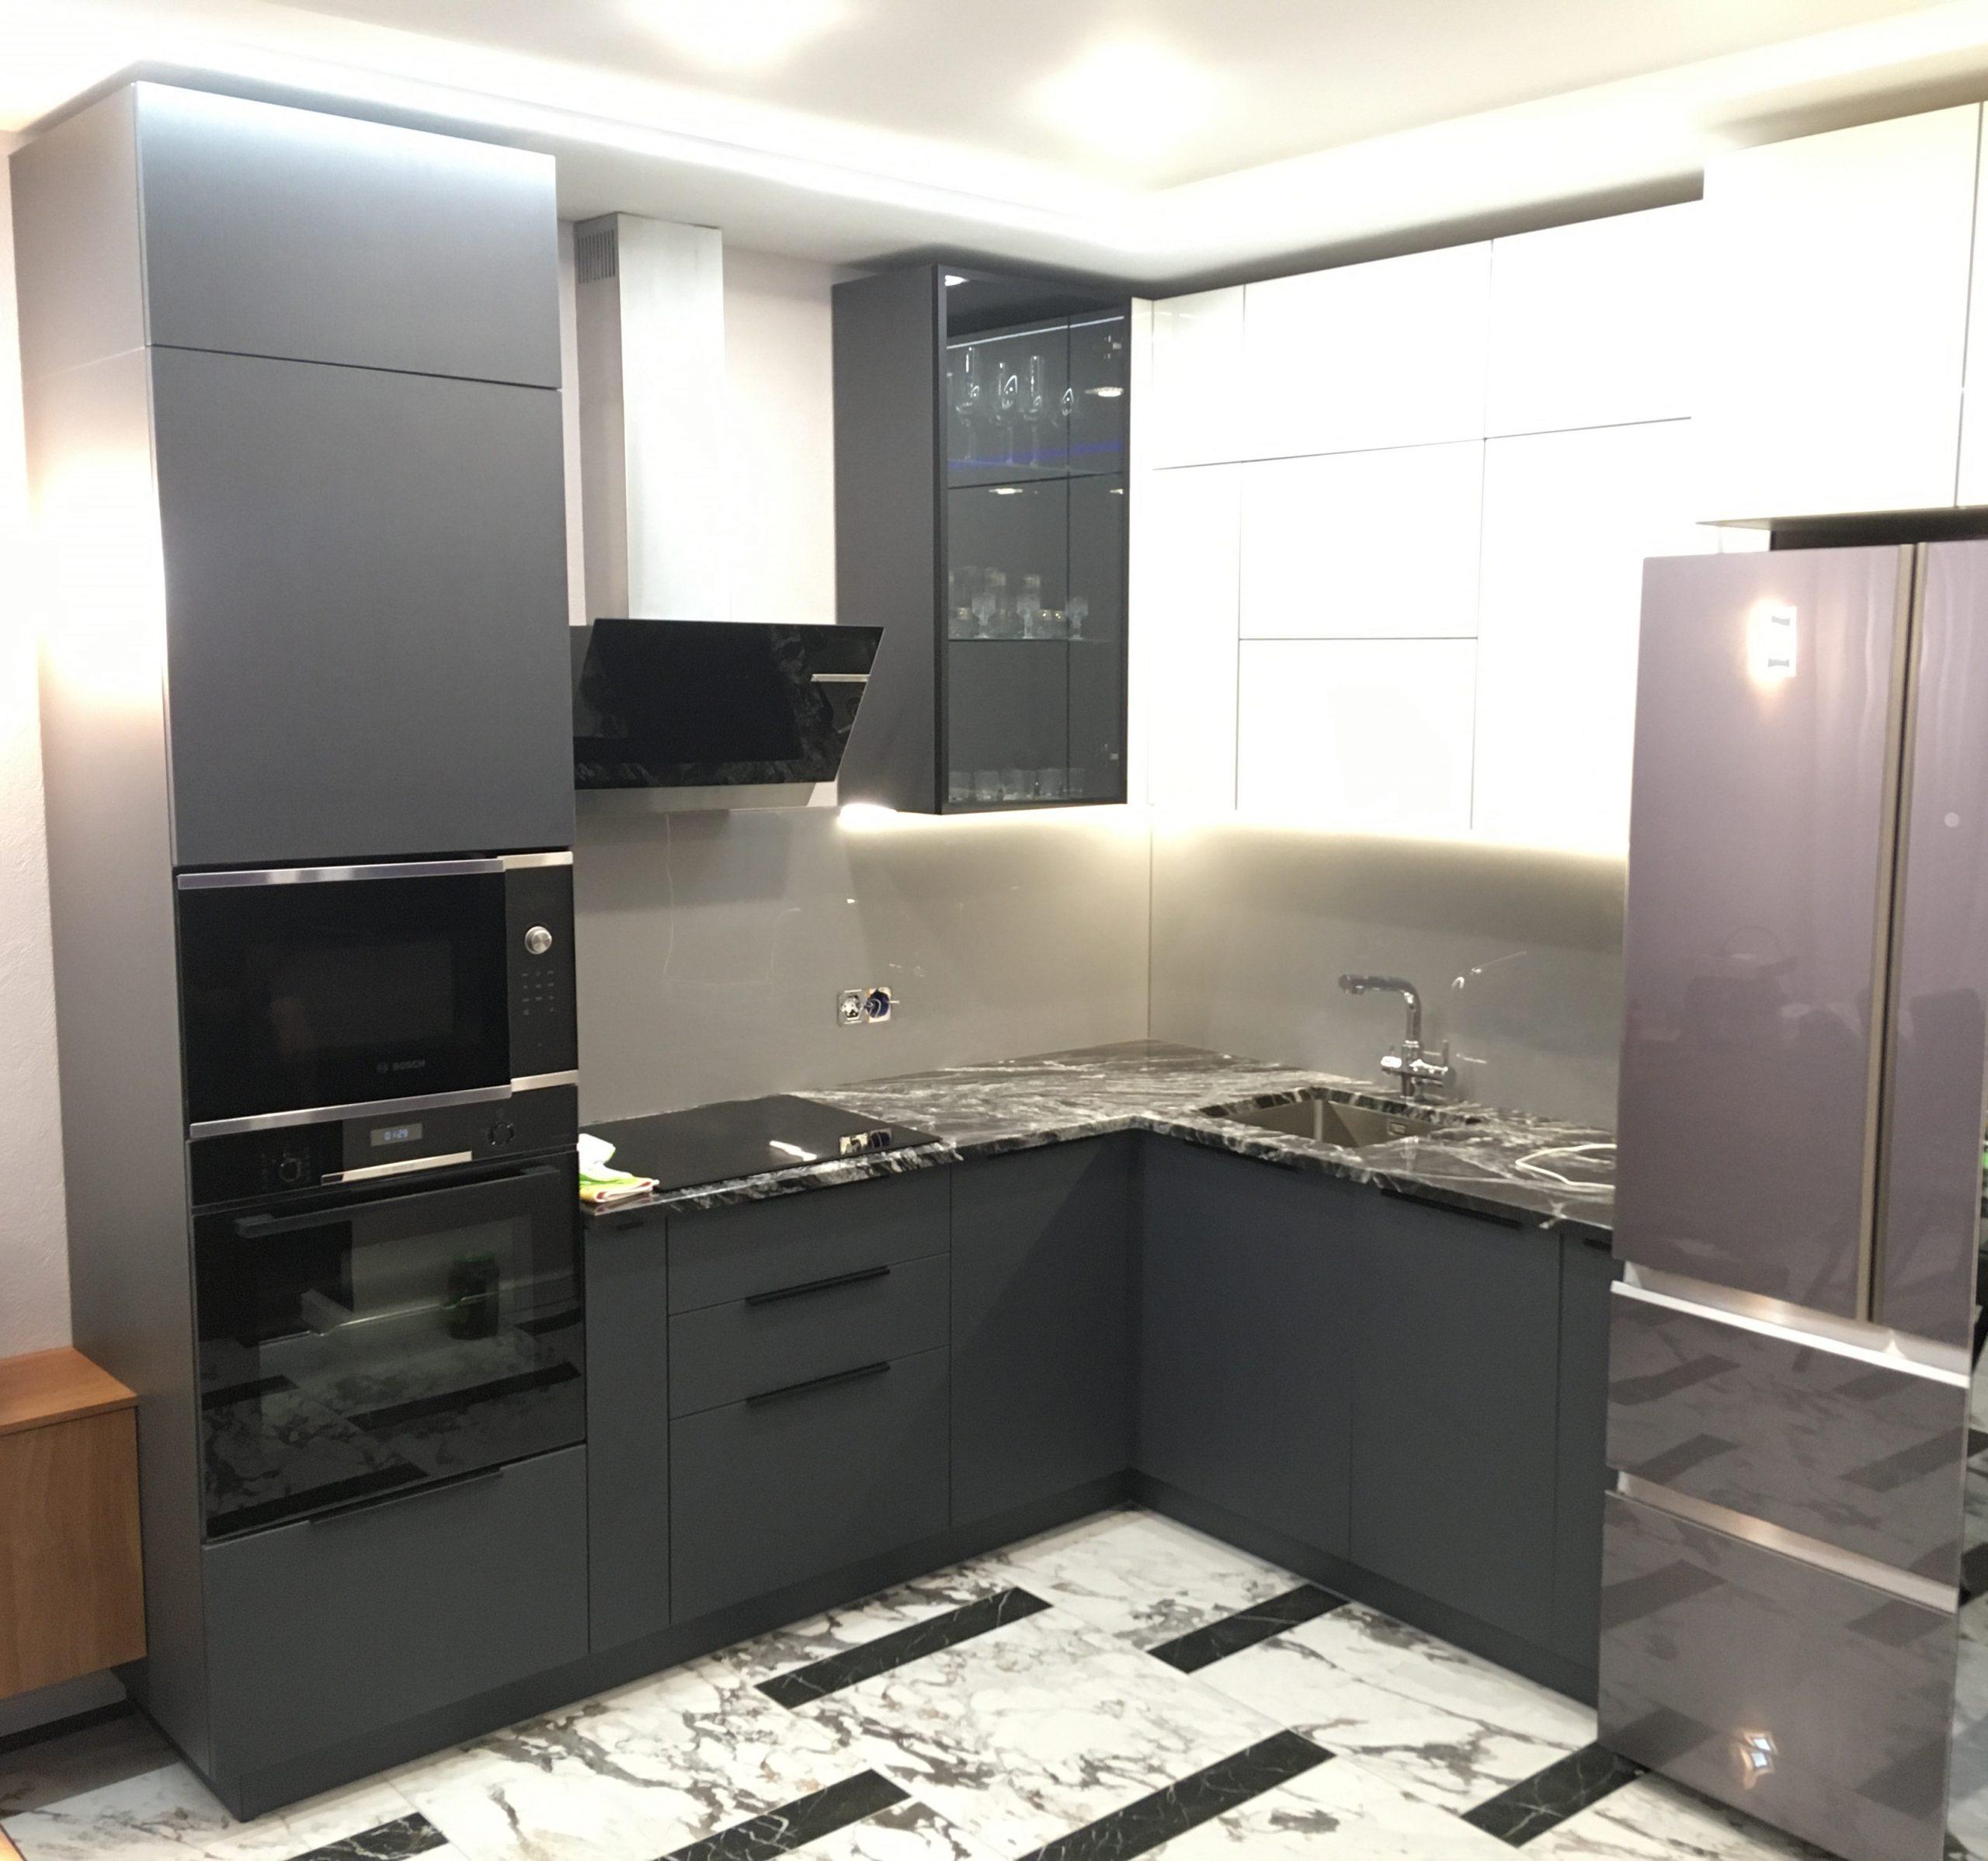 Первое фото Кухня под потолок серая — глянцевый верх, матовый низ